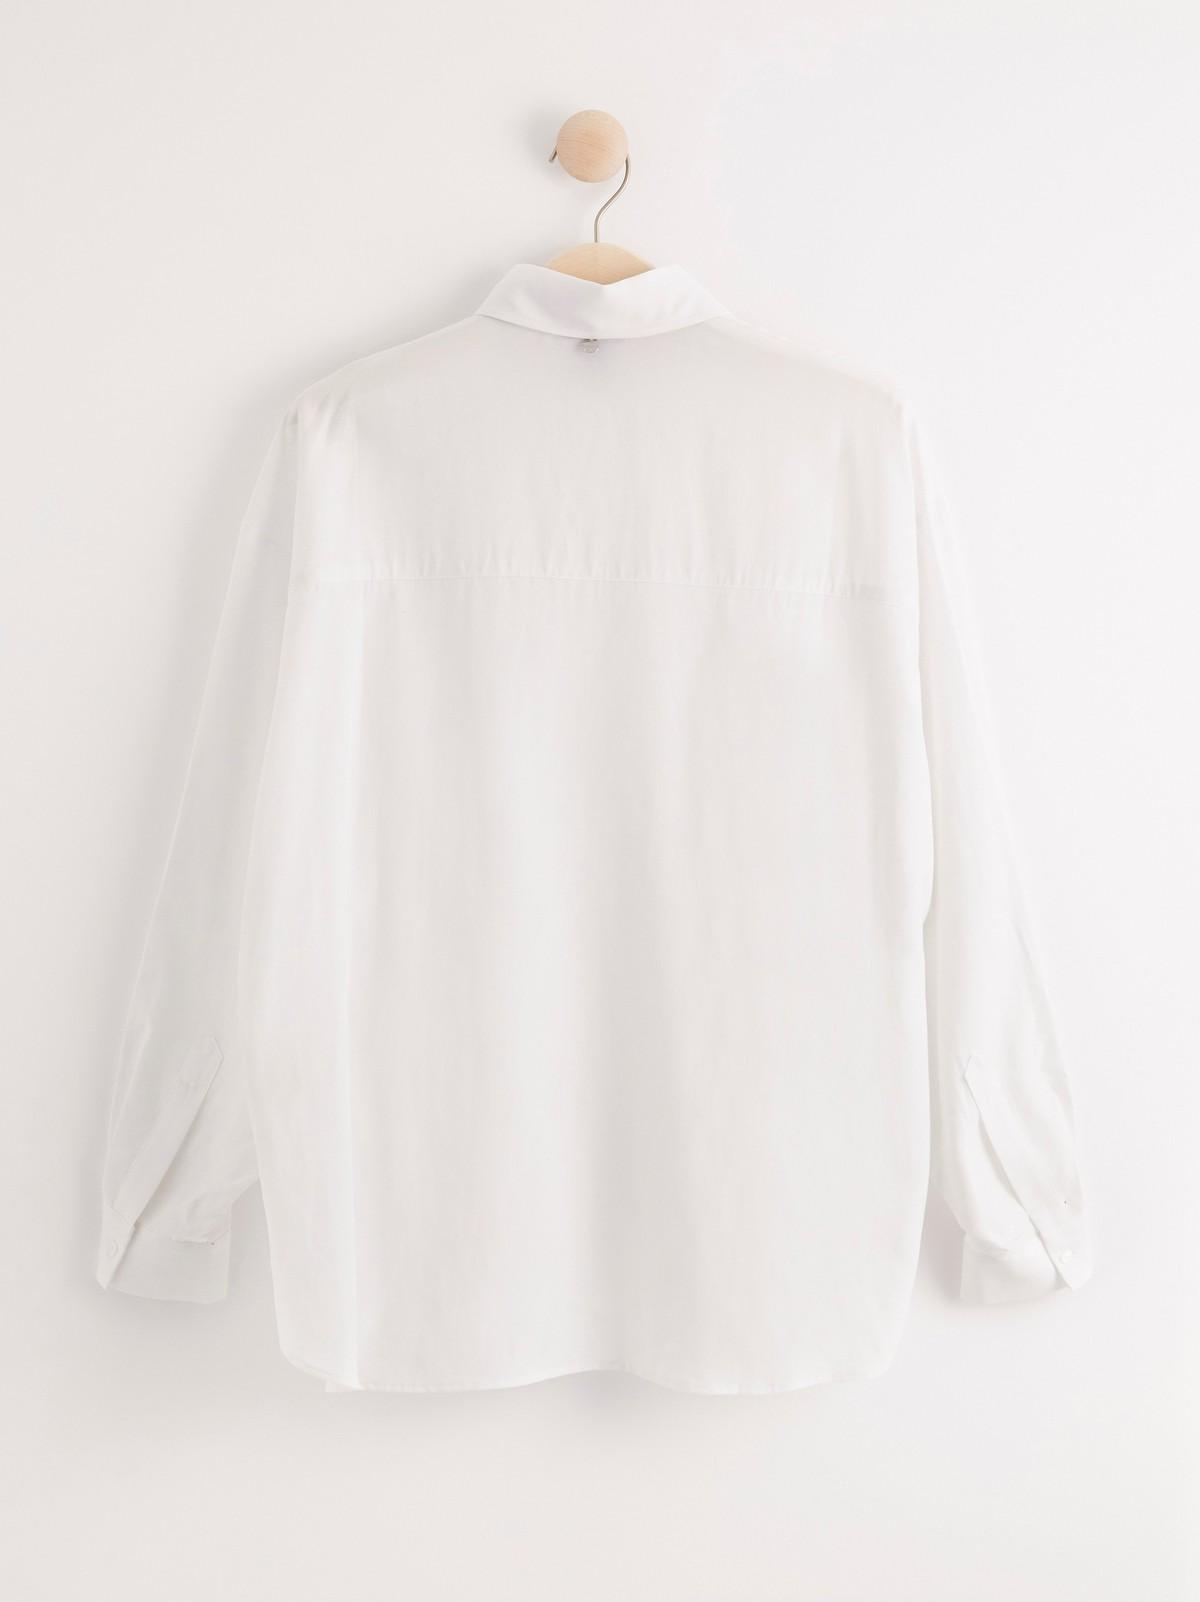 Skjorte i hvit lyocell og lin | Lindex